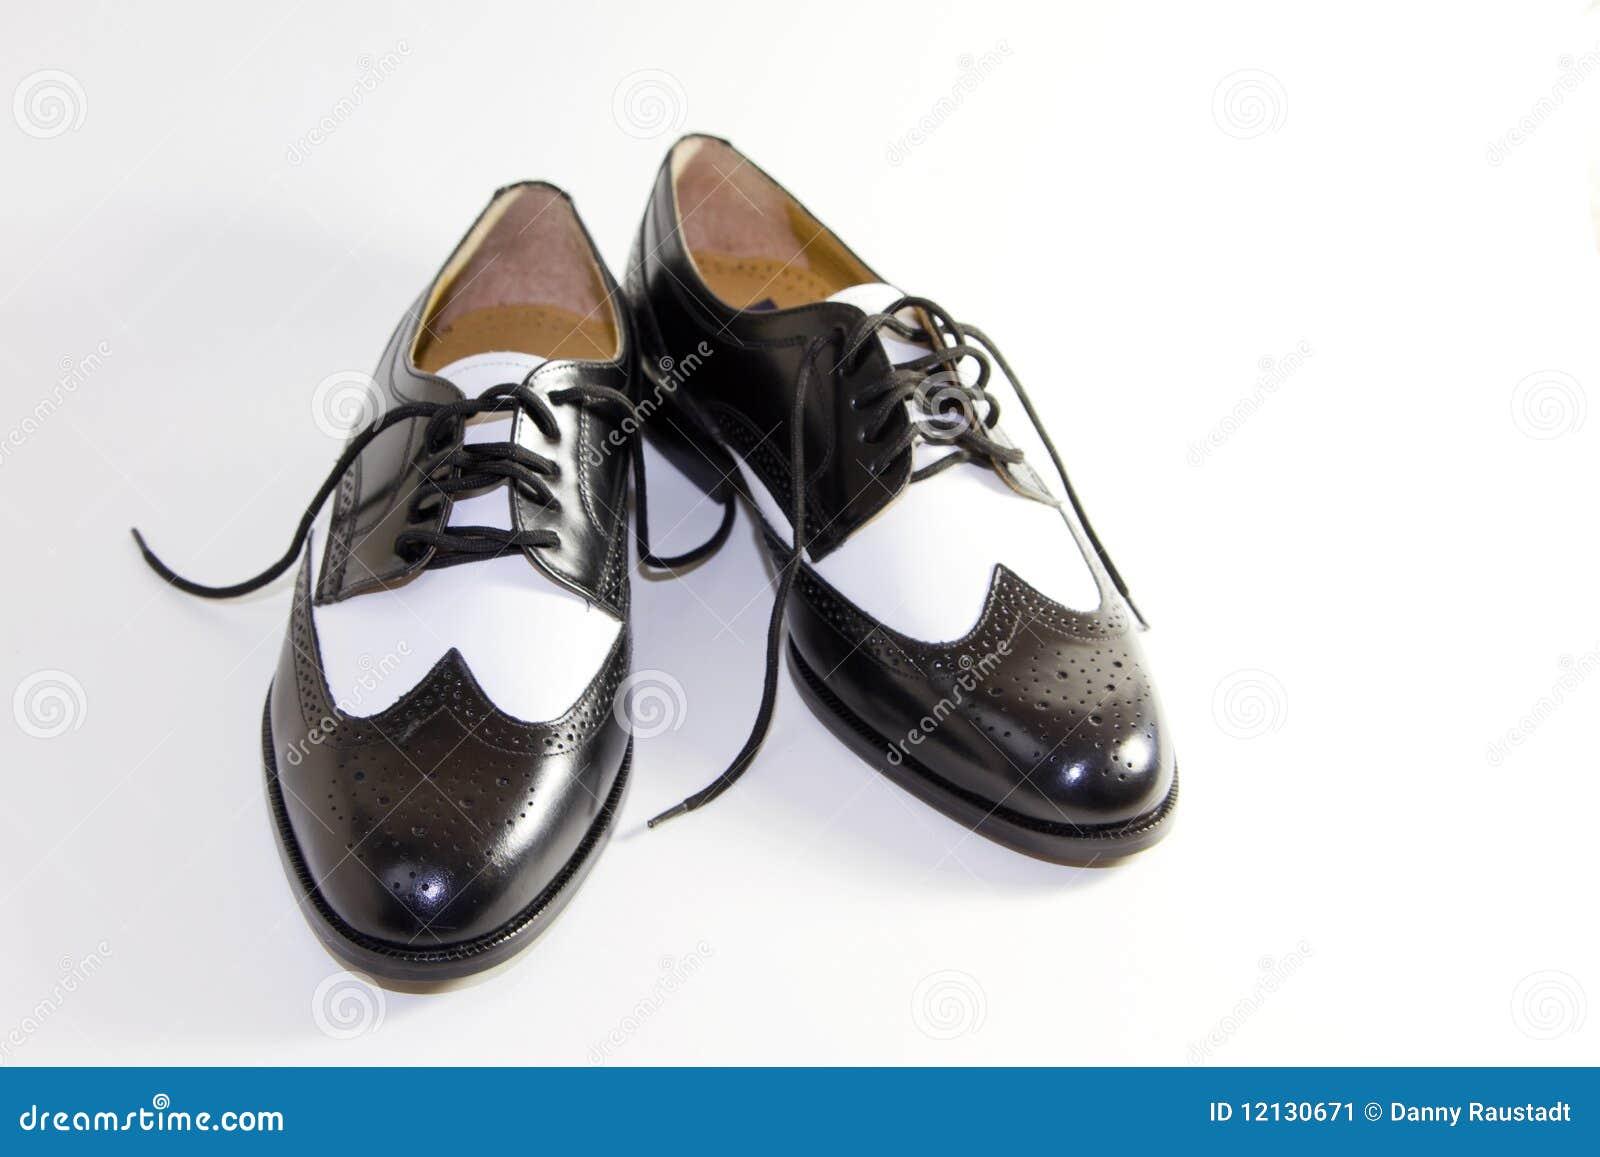 Retro pattini di vestito di cuoio in bianco e nero degli uomini